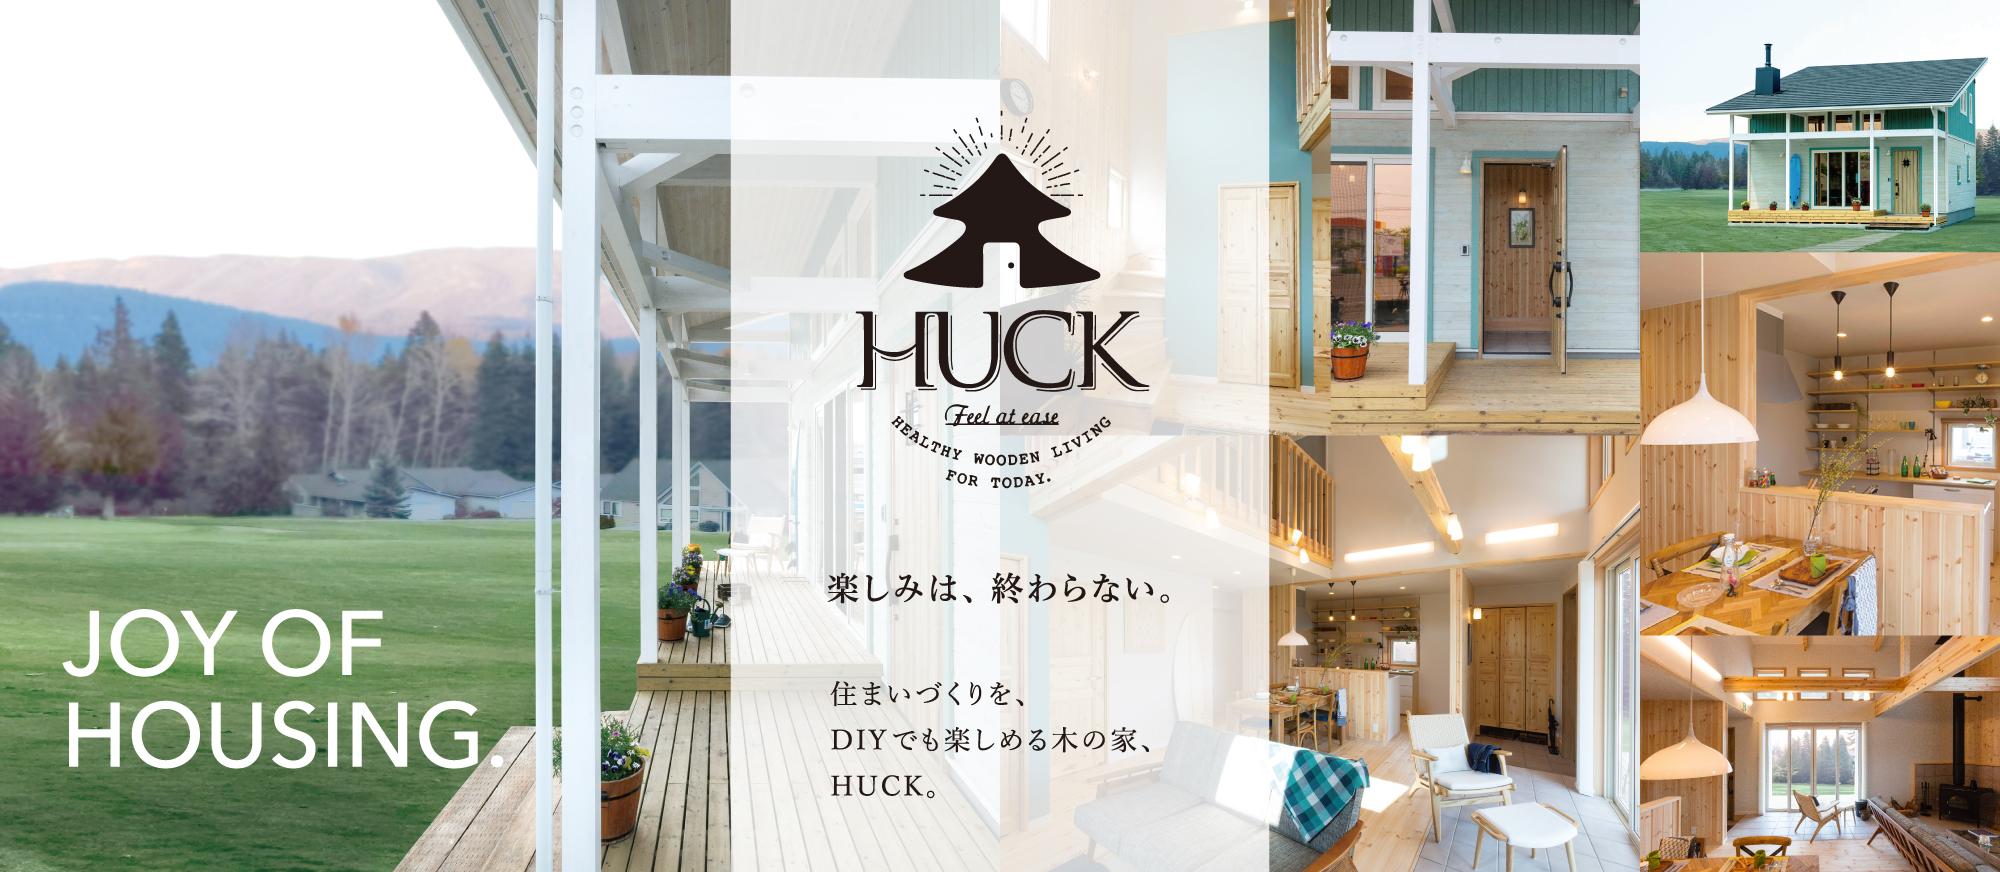 HUCK 楽しみは終わらない。住まいづくりをDIYでも楽しめる木の家。HUCK